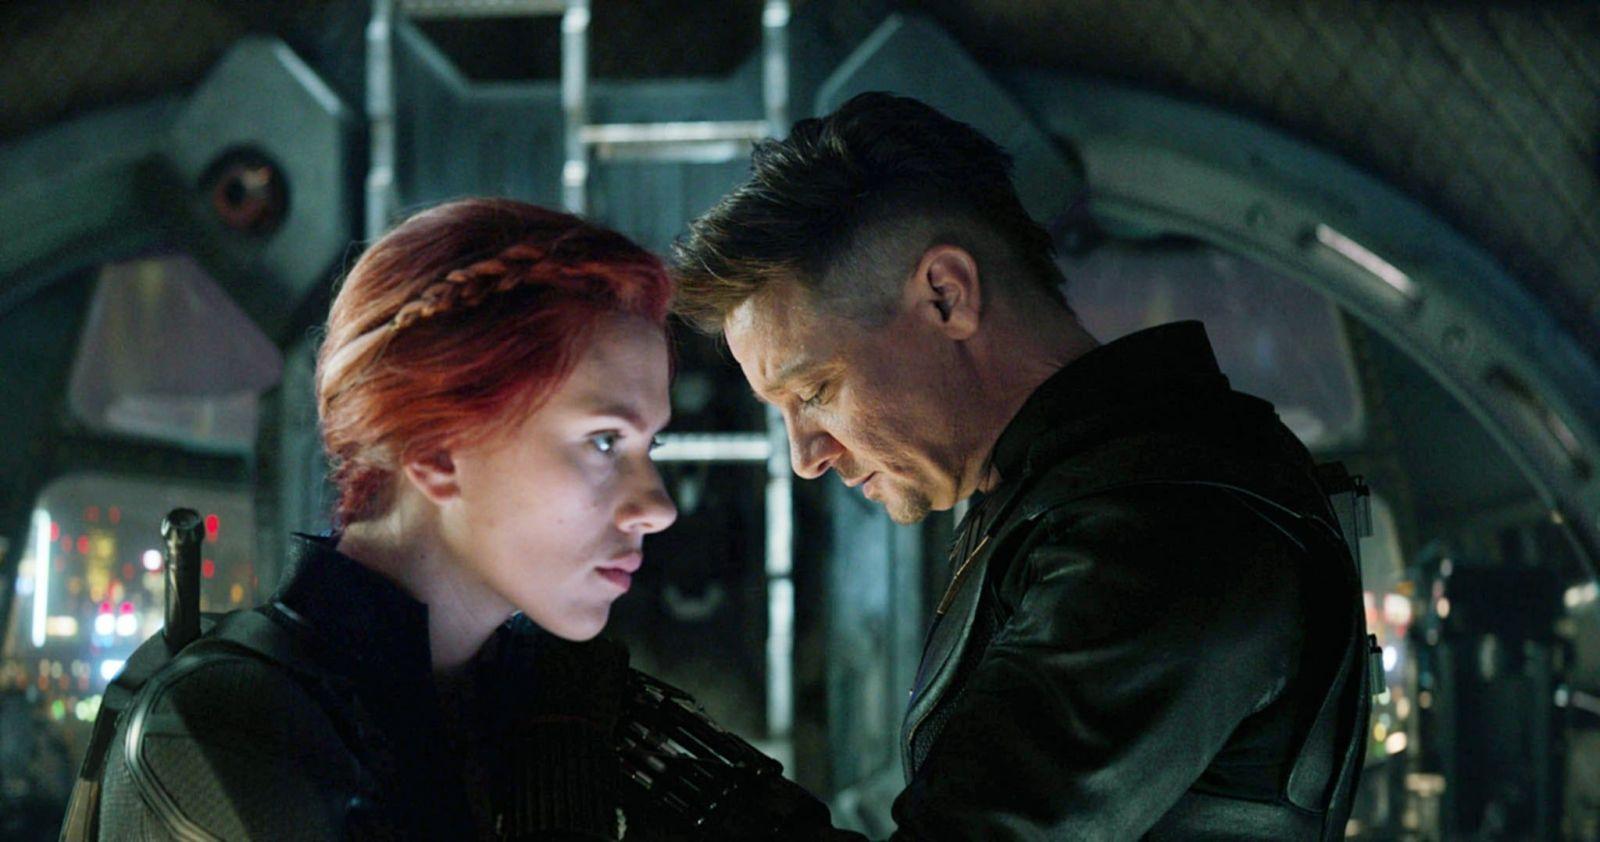 Endgame zarobilo v kinách 2 miliardy dolárov za neuveriteľných 11 dní! Zosadia Avengers aj Avatara? (Box Office)